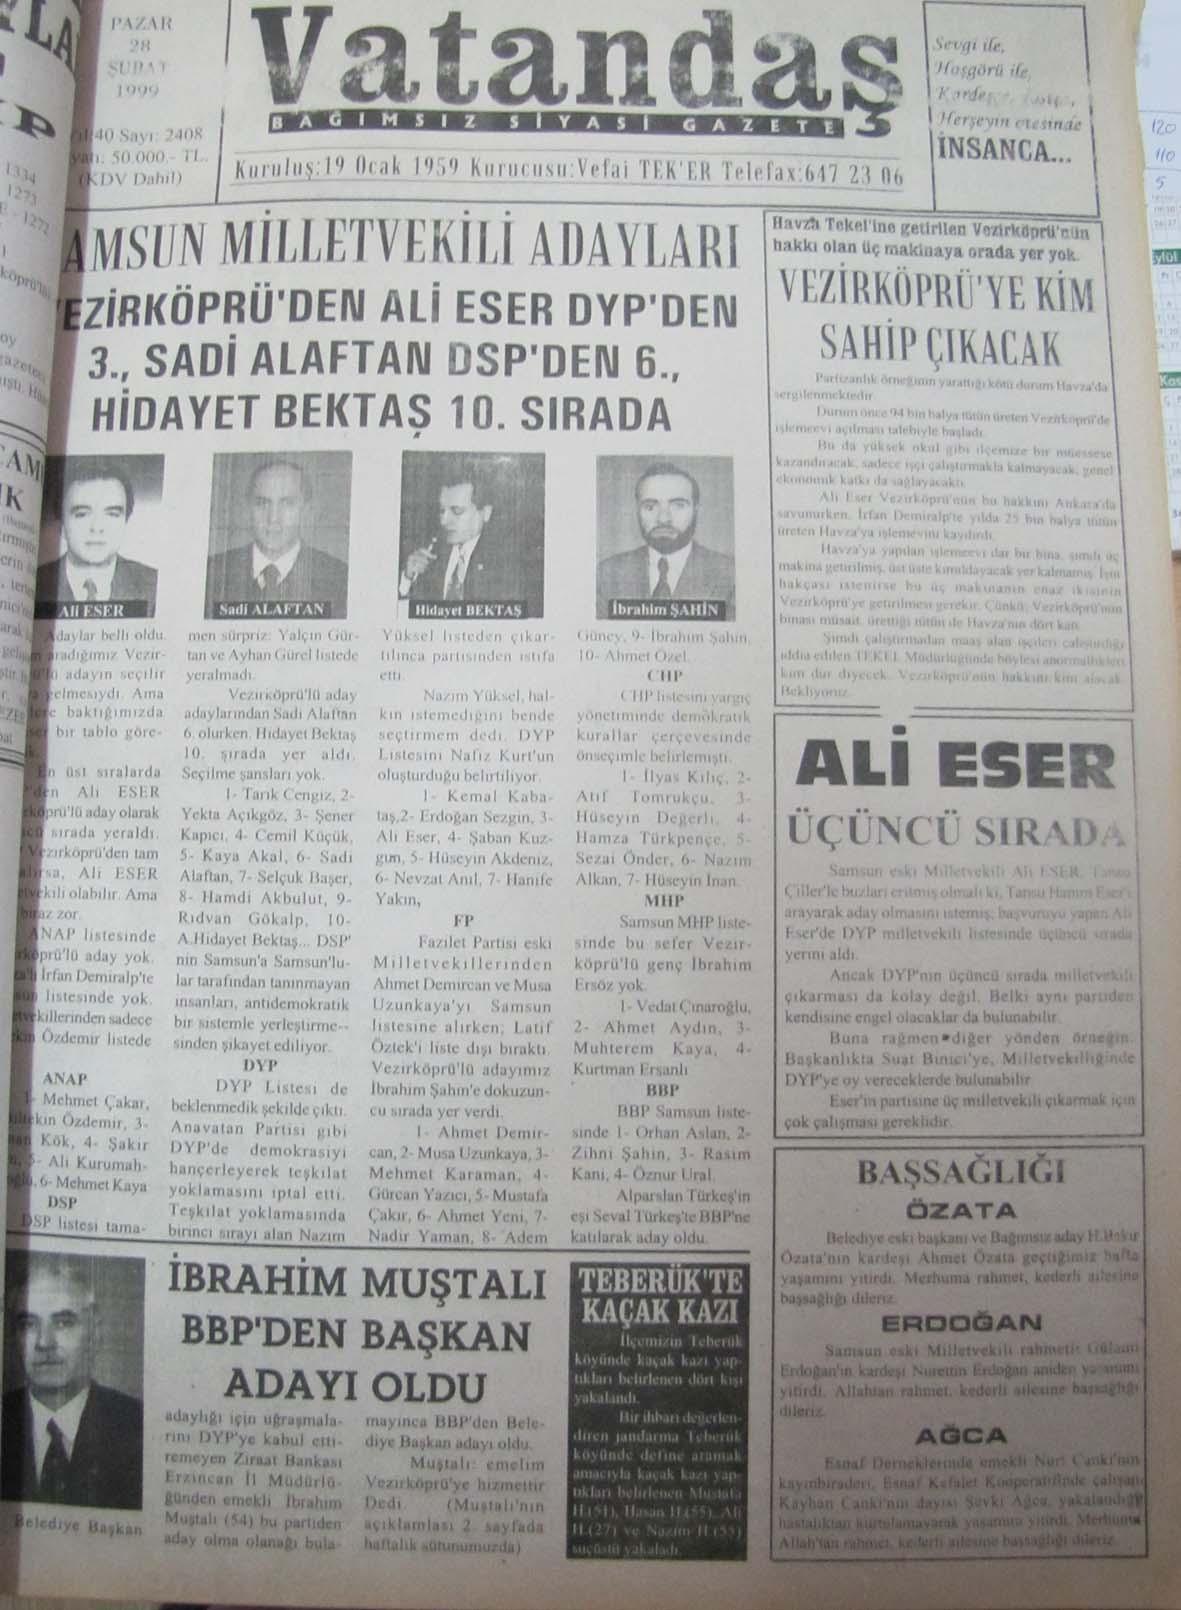 Samsun Milletvekili  Adayları Vezirköprü'den Ali Eser DYP'den 3., Sadi Alaftan DSP'den 6., Hidayet Bektaş 10.Sırada 28 Şubat 1999  Pazar